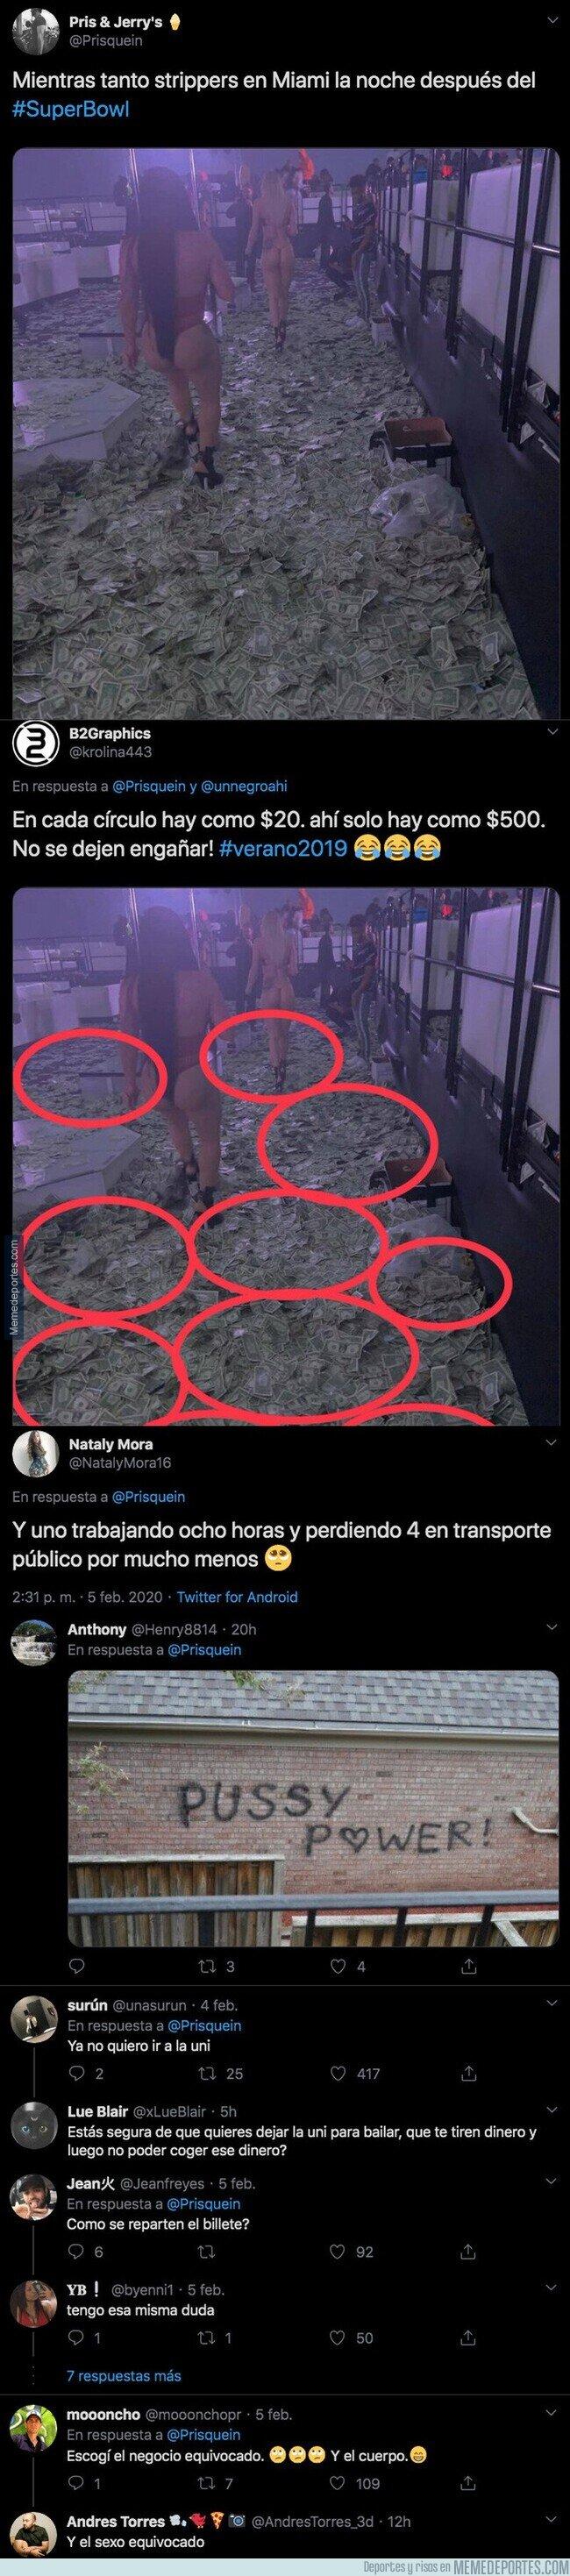 1097706 - Se filtra una foto de como quedó el suelo de la sala de strippers repleto de todo el dinero que le lanzaron los asistentes tras la Superbowl y es impresionante